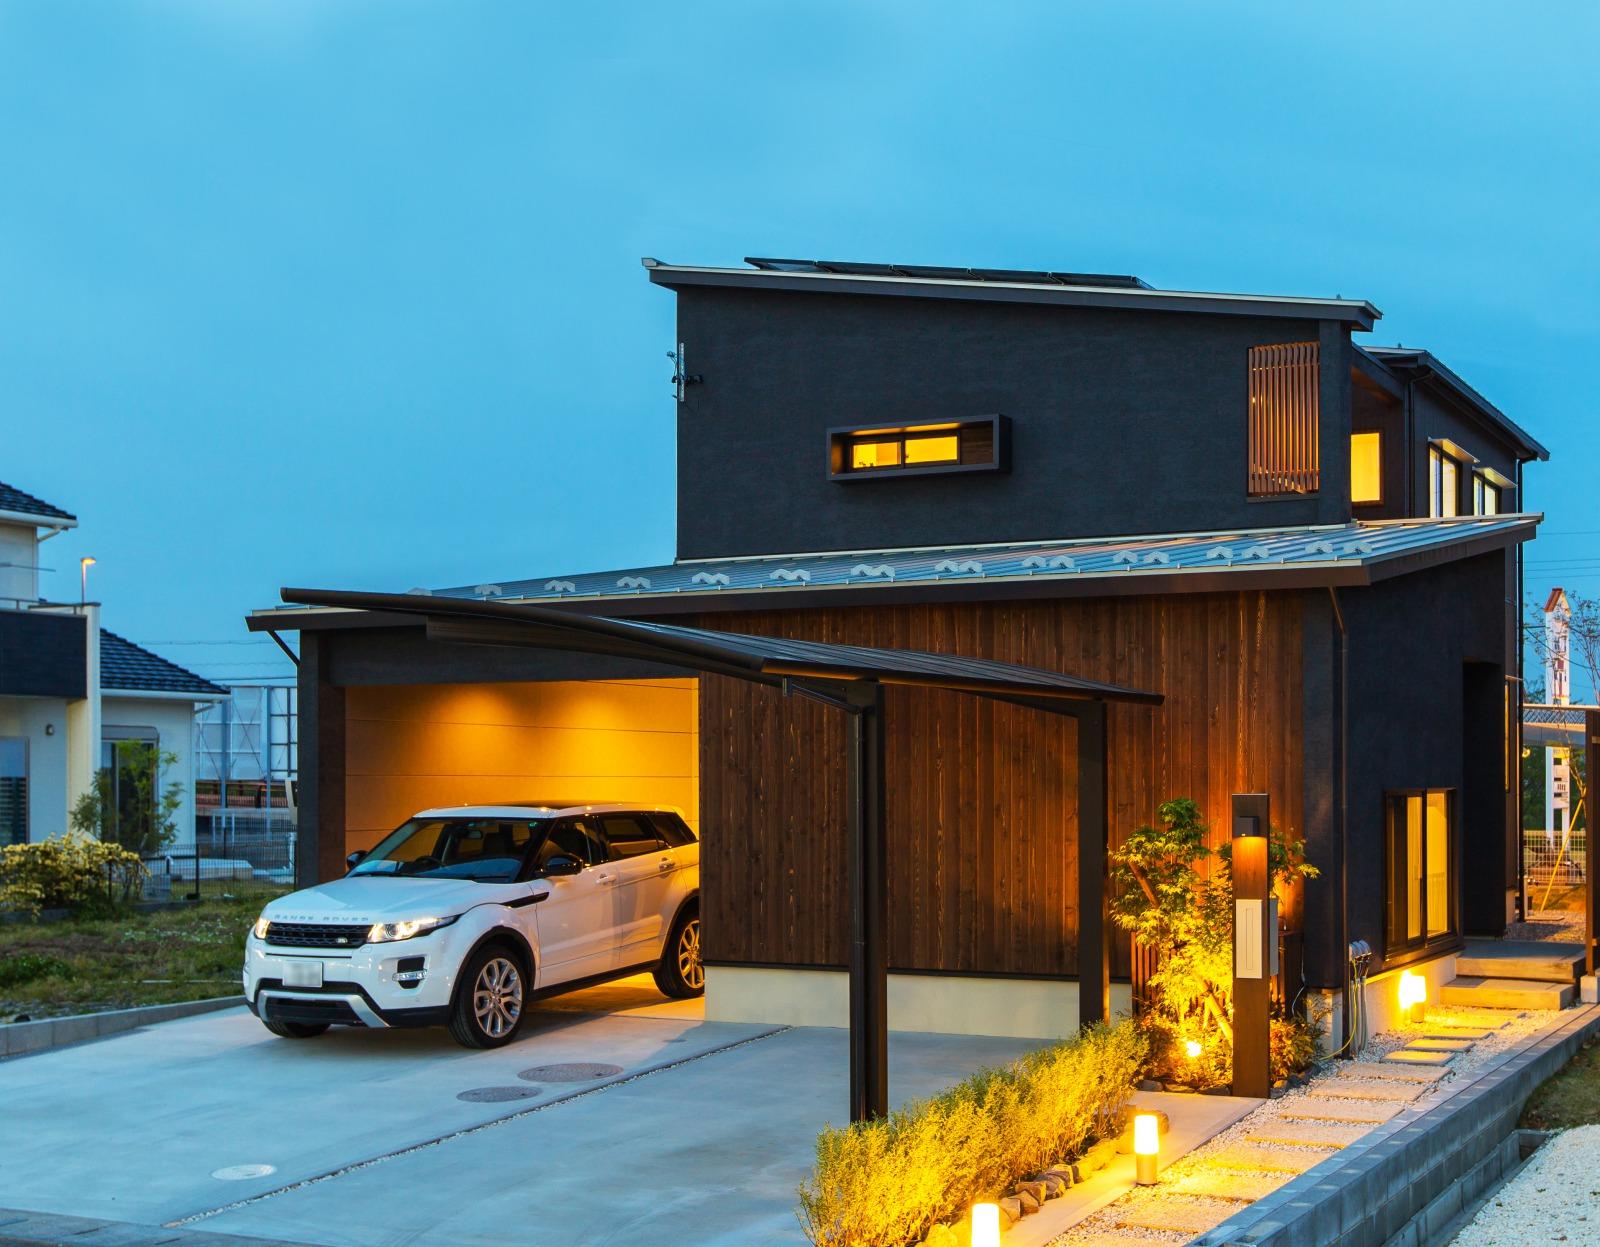 憧れのガレージ付き住宅。岐阜県で建てる際に気をつけるポイントは?